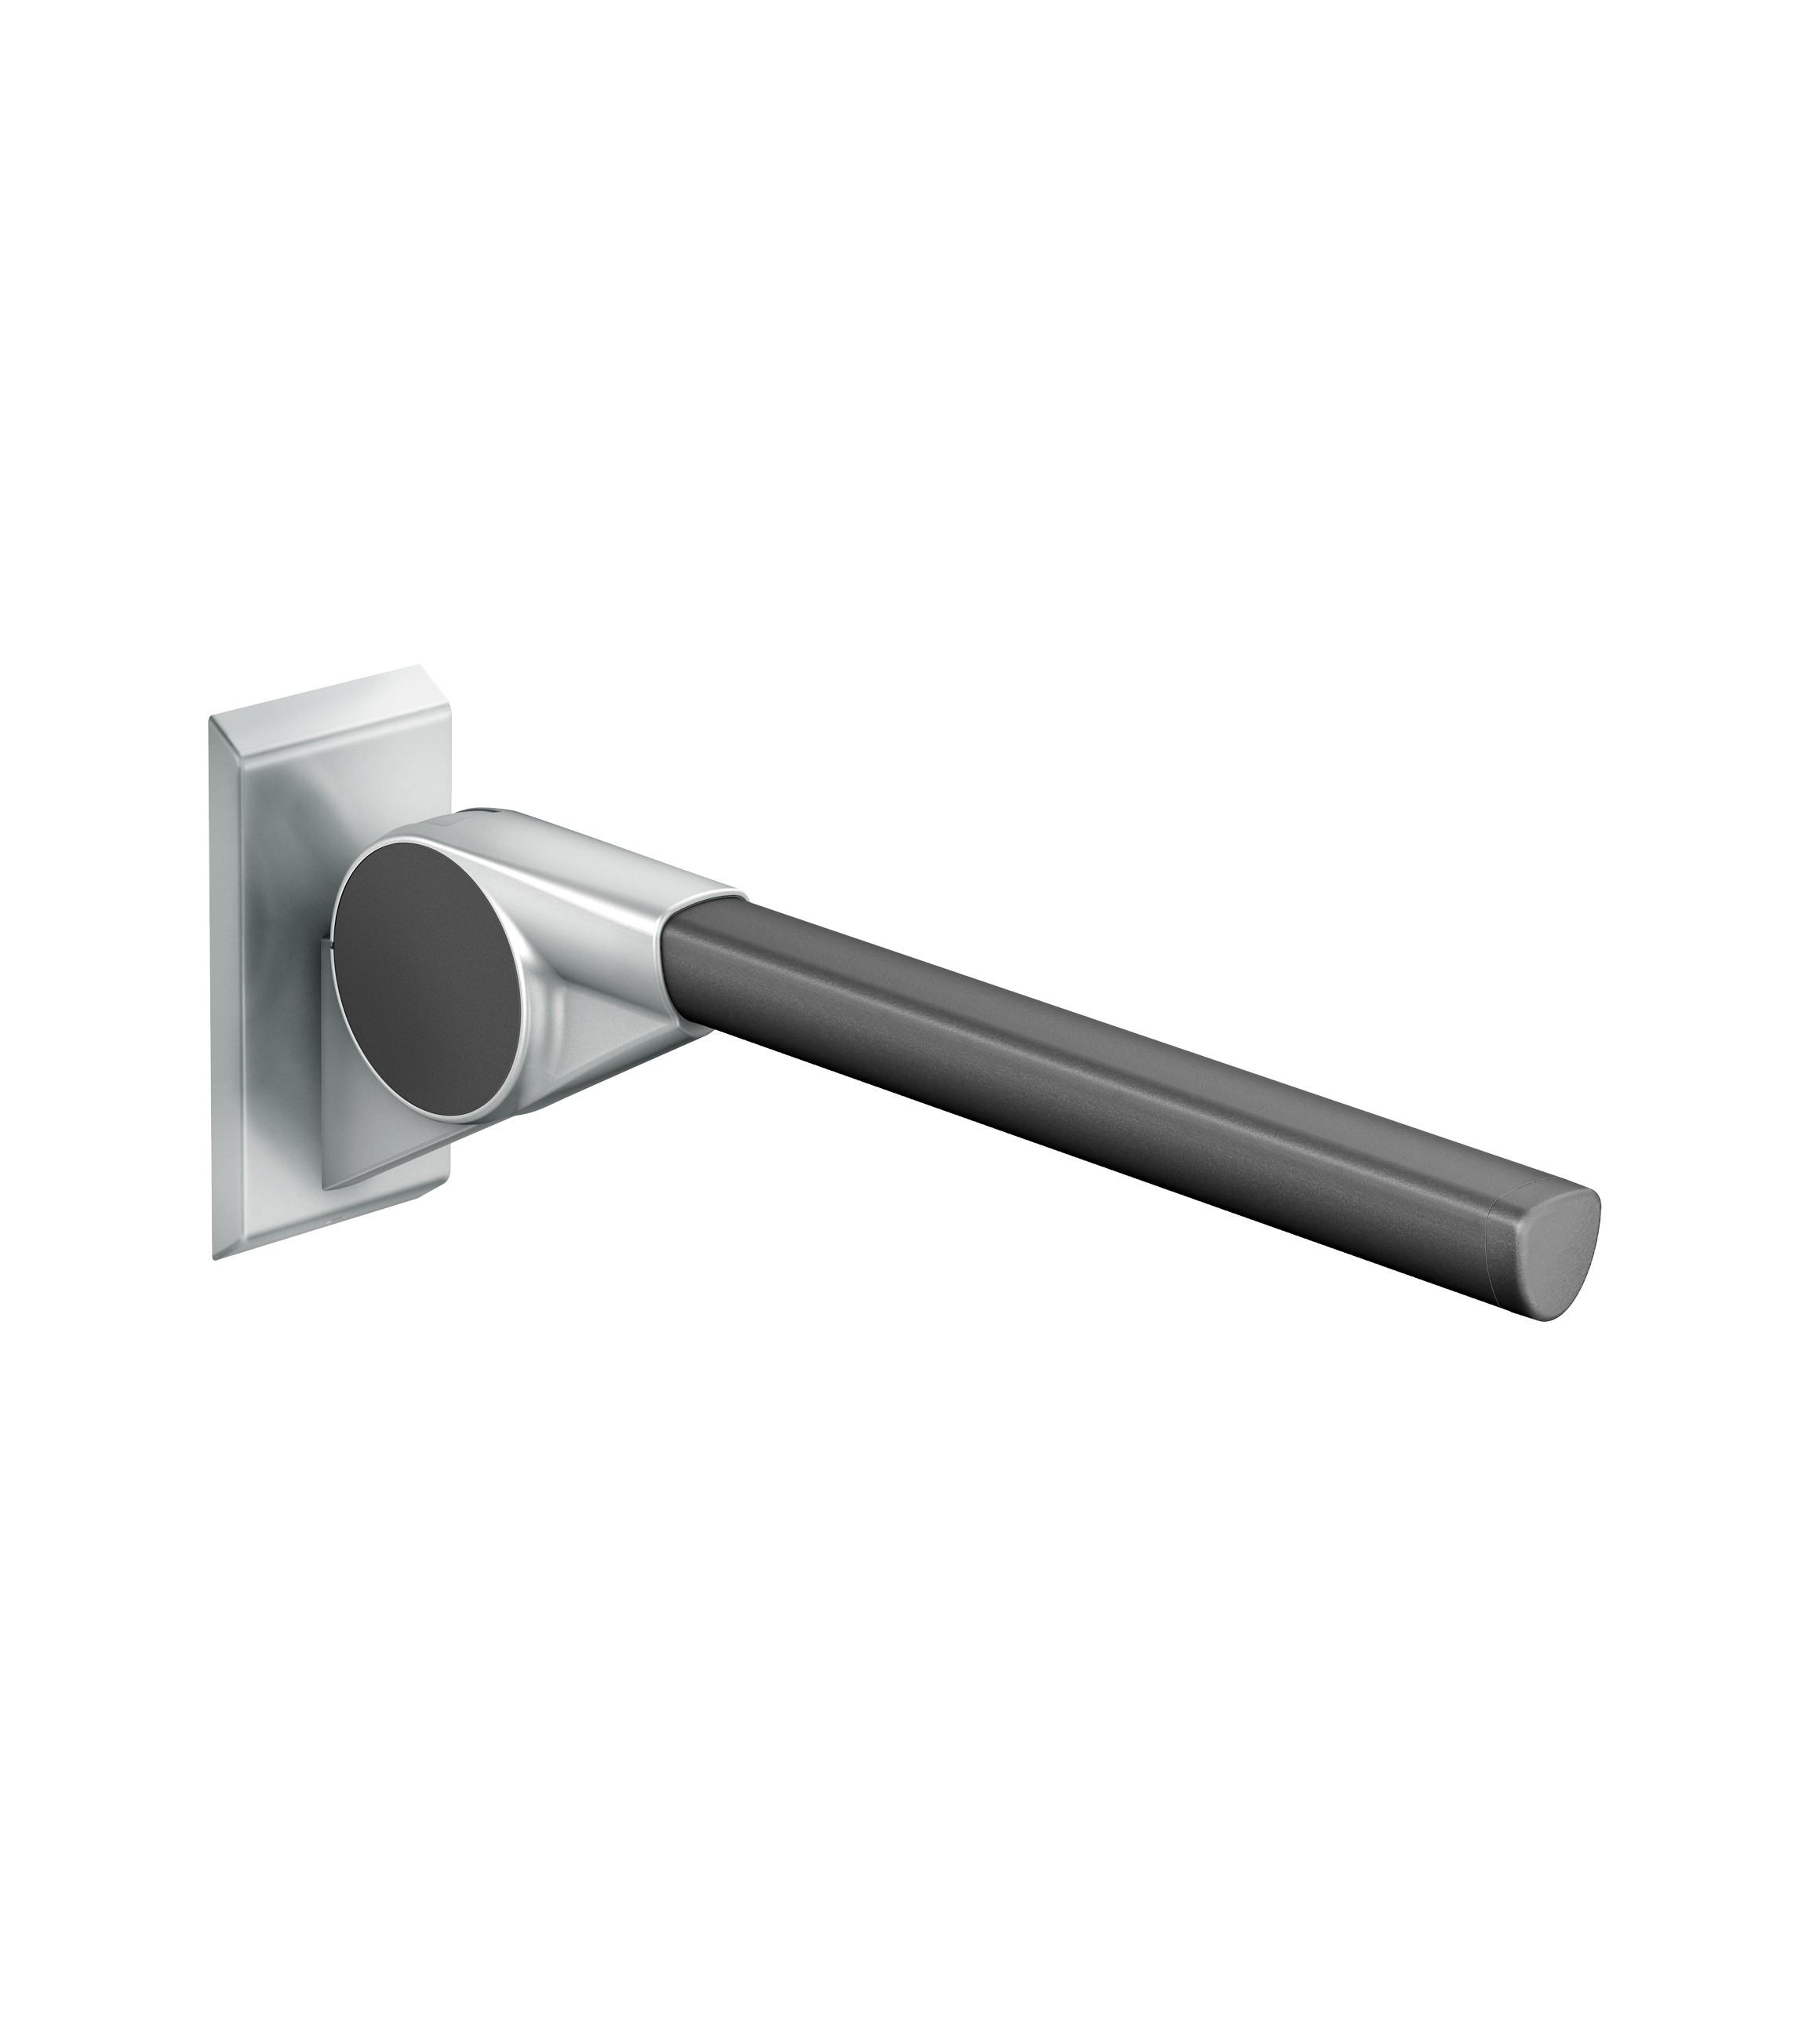 FSB Stützklappgriff 700 mm Ergo A100 Stützen Aluminiumgrau metallinksc Stange Anemonenweiß (0 82 8420 00070 8223)